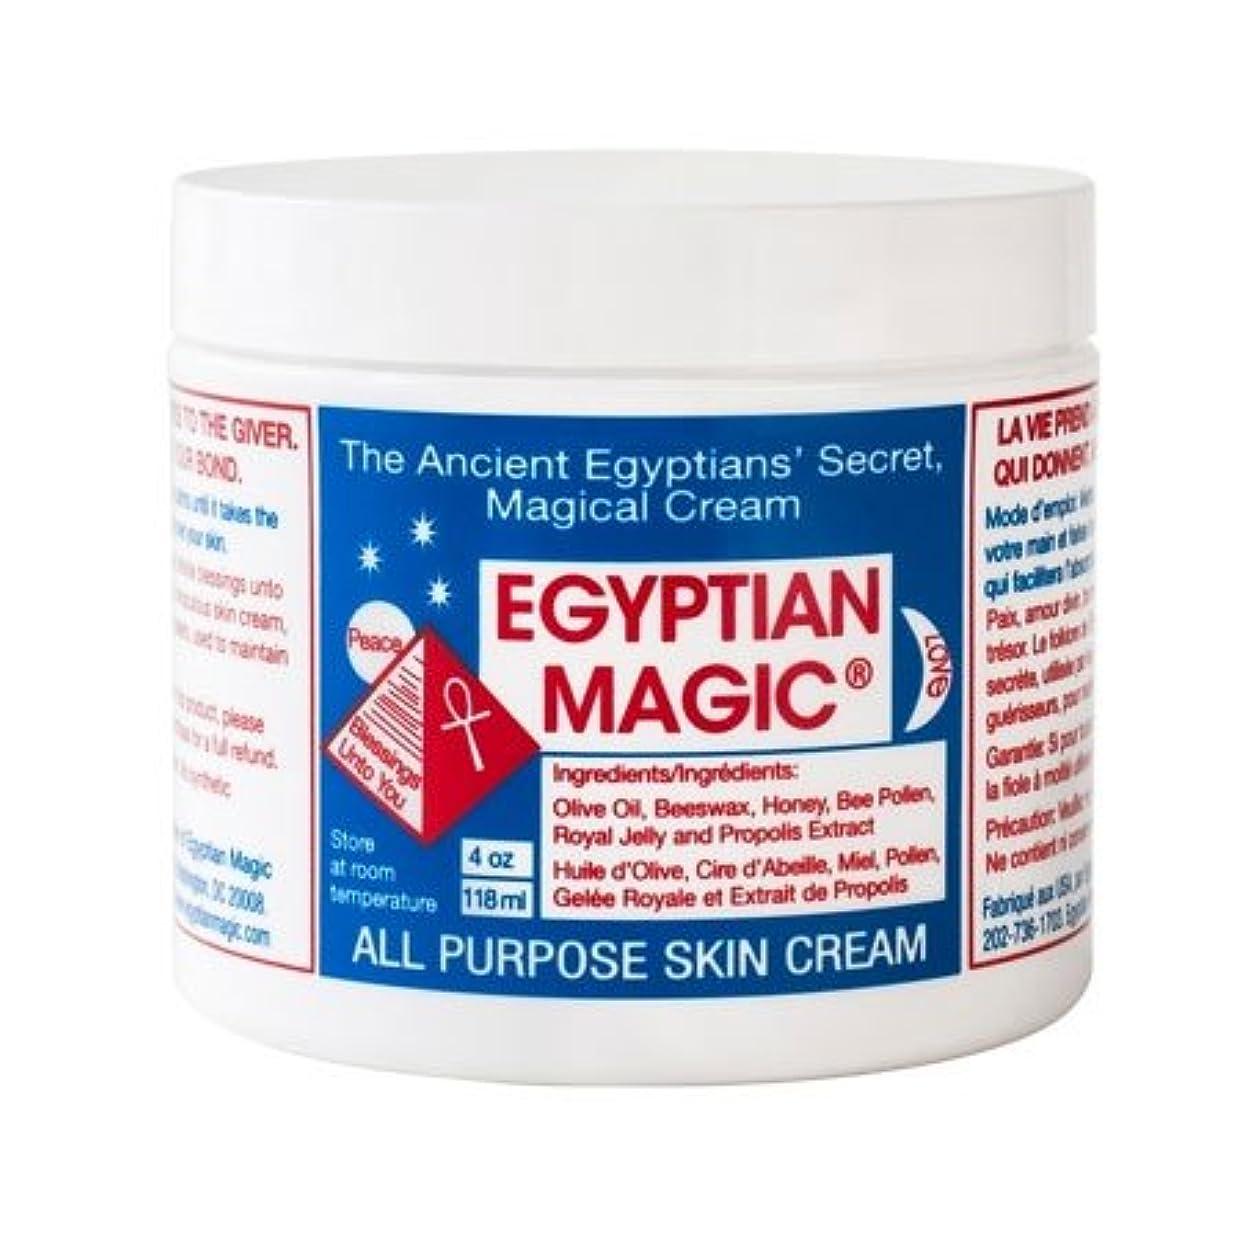 おしゃれじゃない成長するジャンルエジプシャンマジック エジプシャン マジック クリーム 118ml 海外仕様パッケージ